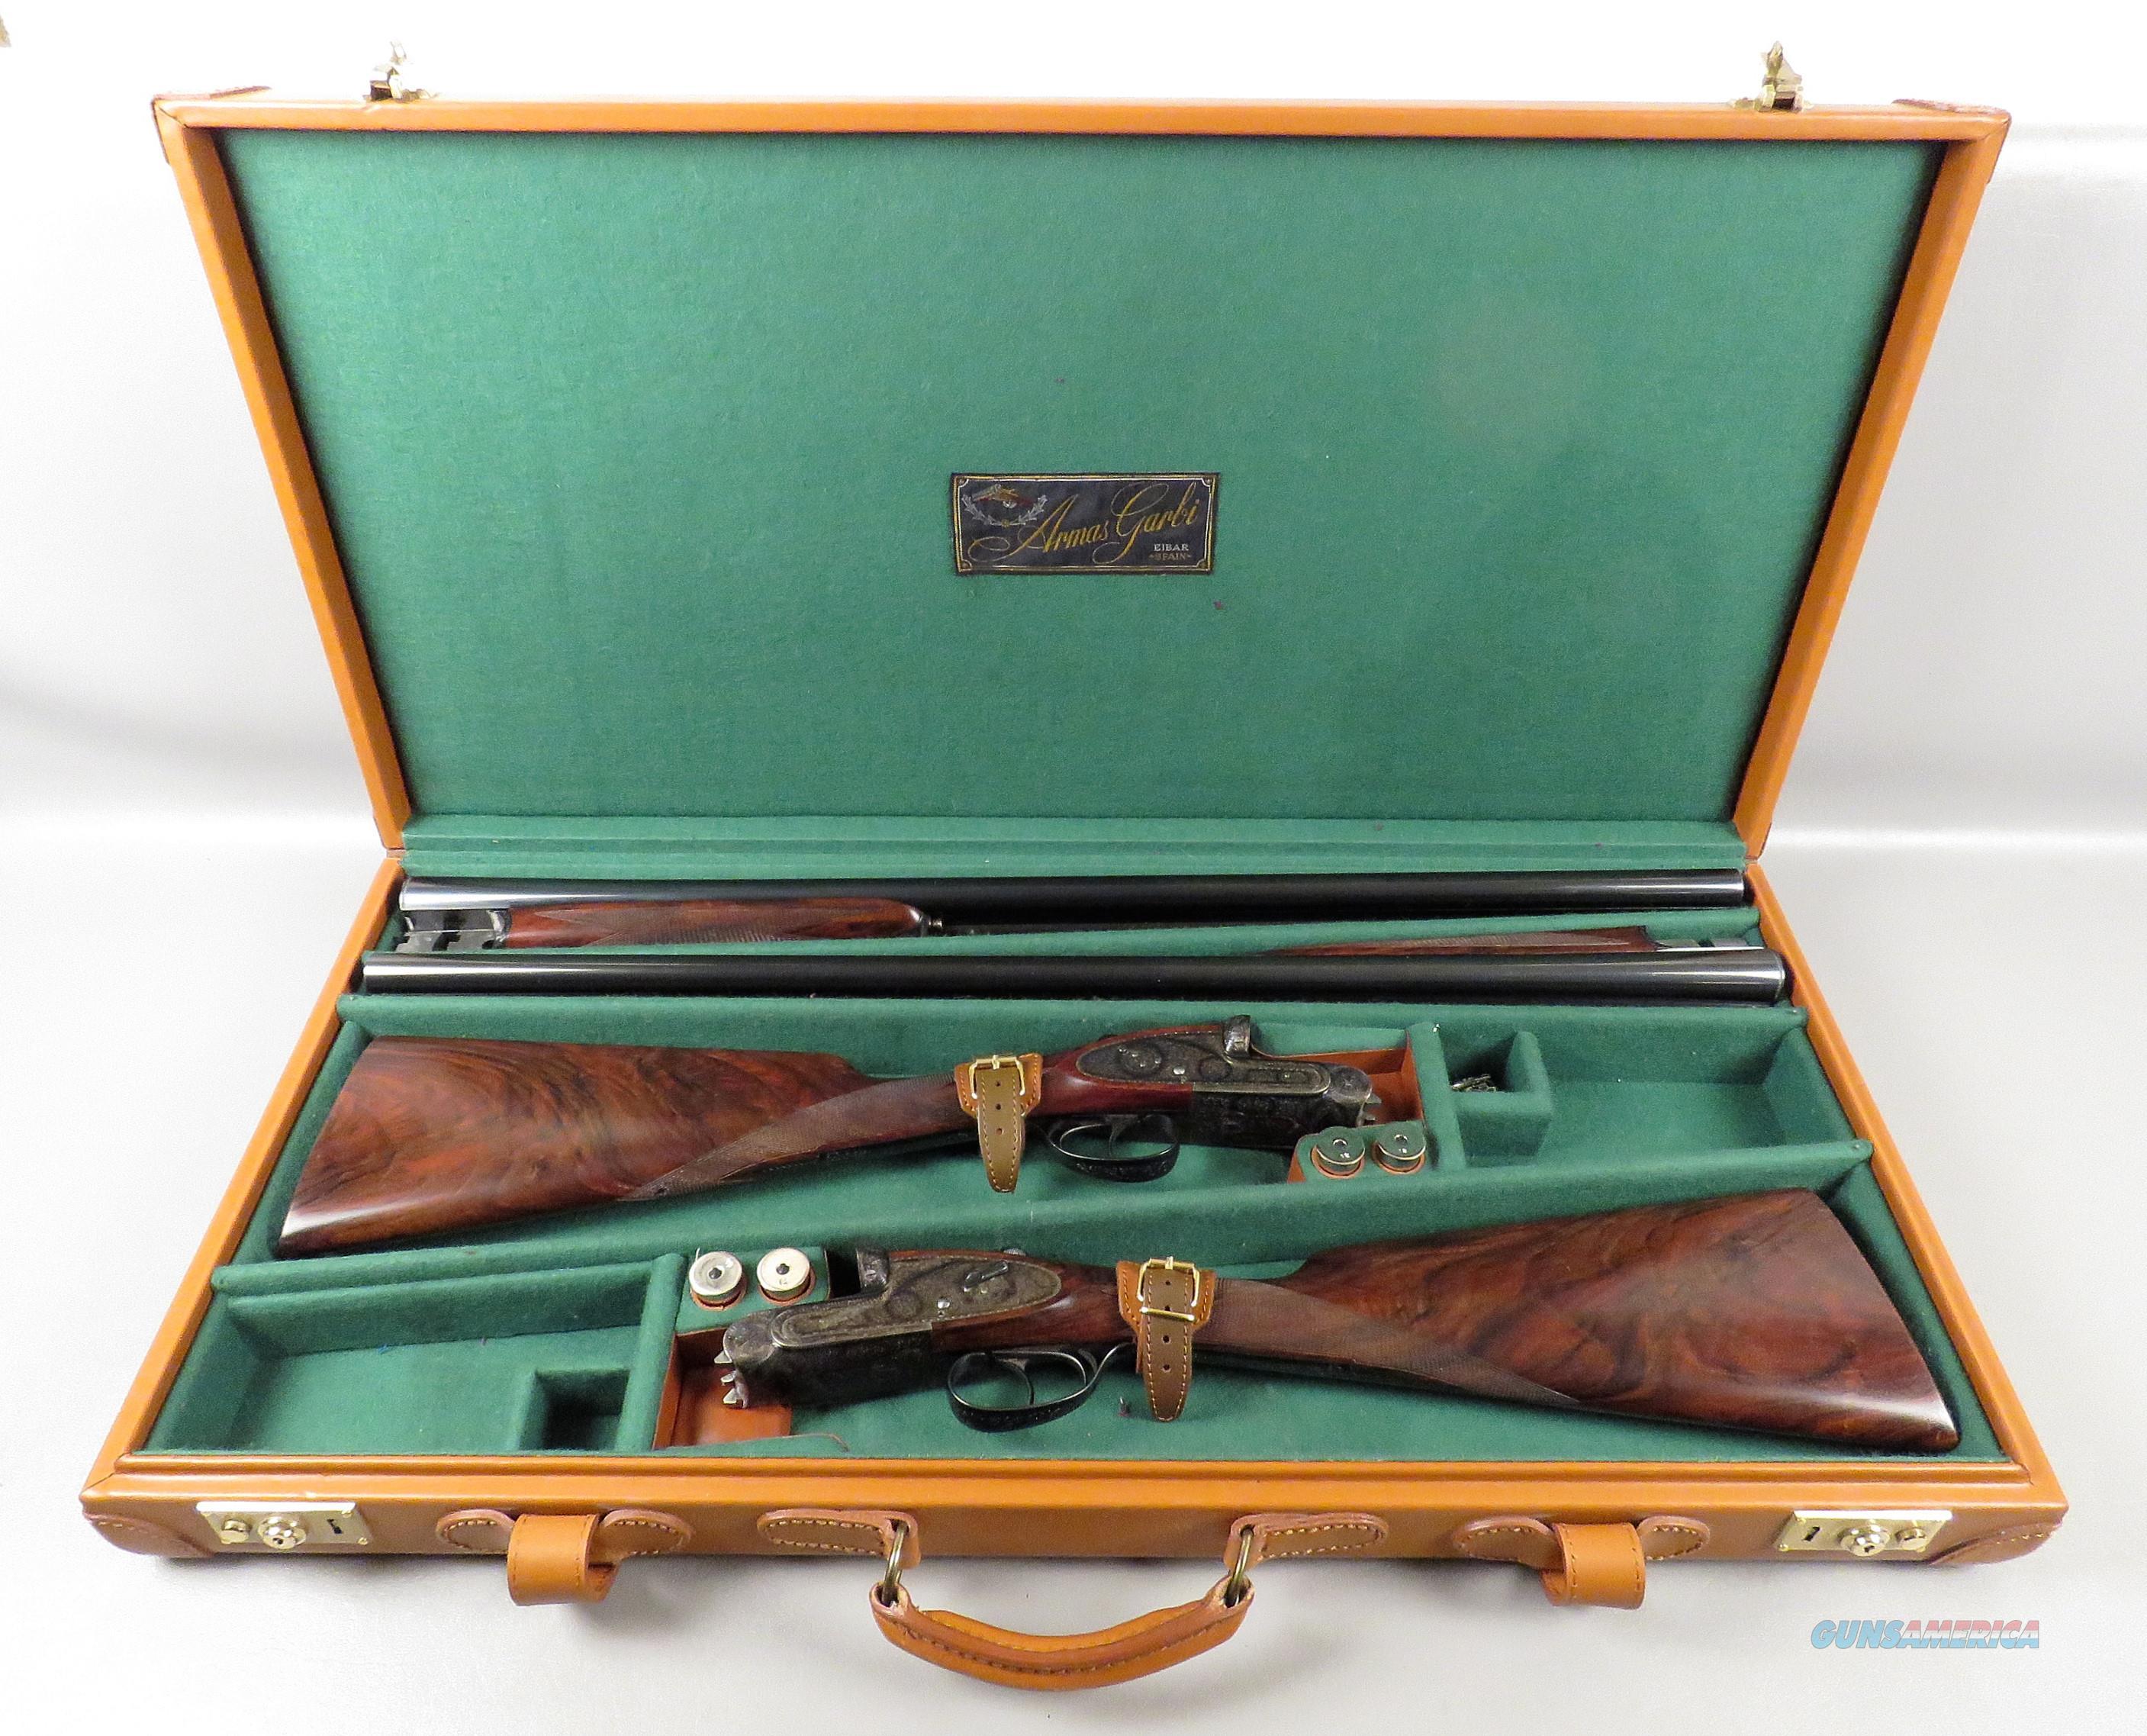 MATCHED PAIR OF GARBI 12 Ga SHOTGUNS in Leather Case  Guns > Shotguns > Garbi Shotguns